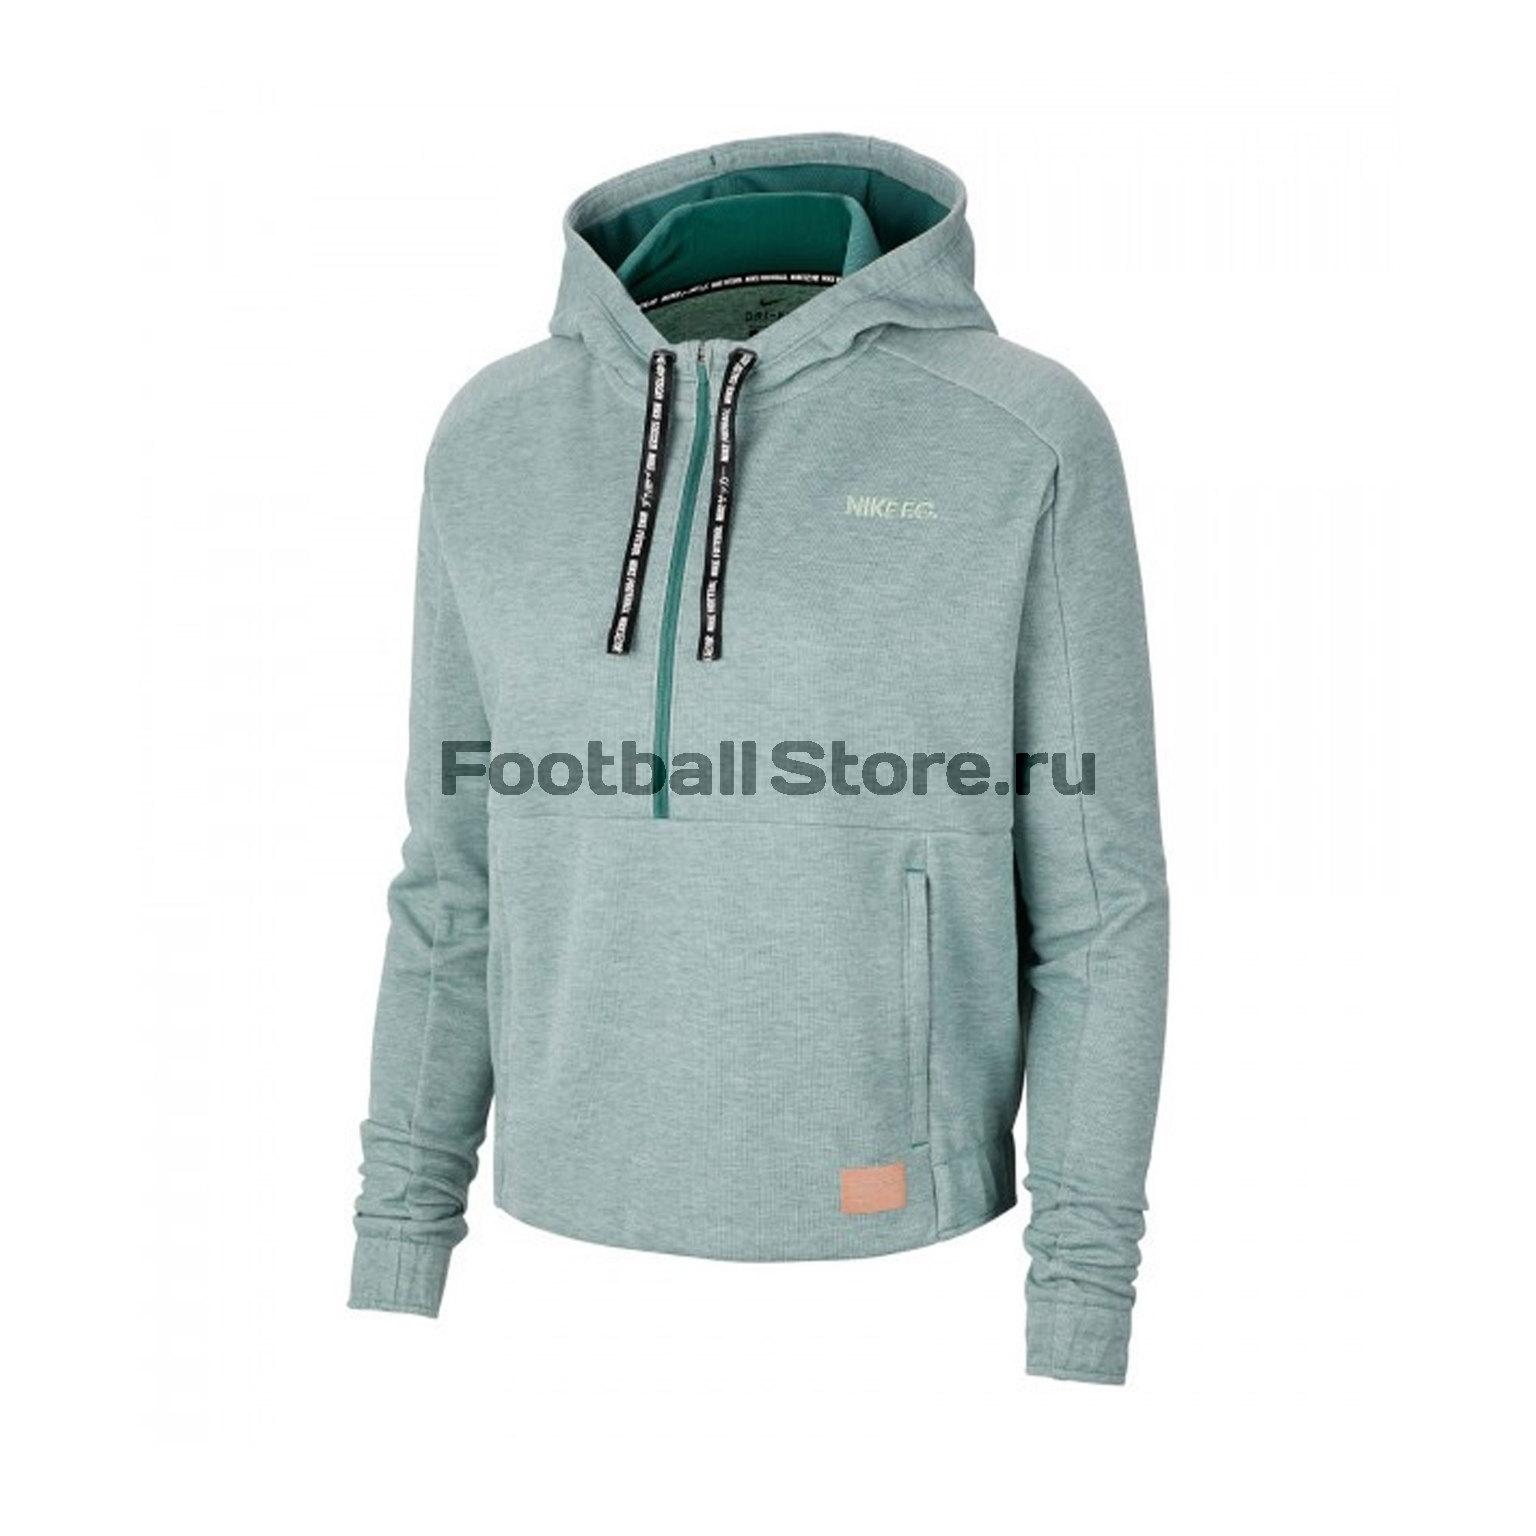 Толстовка женская Nike F.C. Dry Hoodie CD9155-362 толстовка женская mustang printed hoodie цвет серый 1006344 4141 размер xs 42